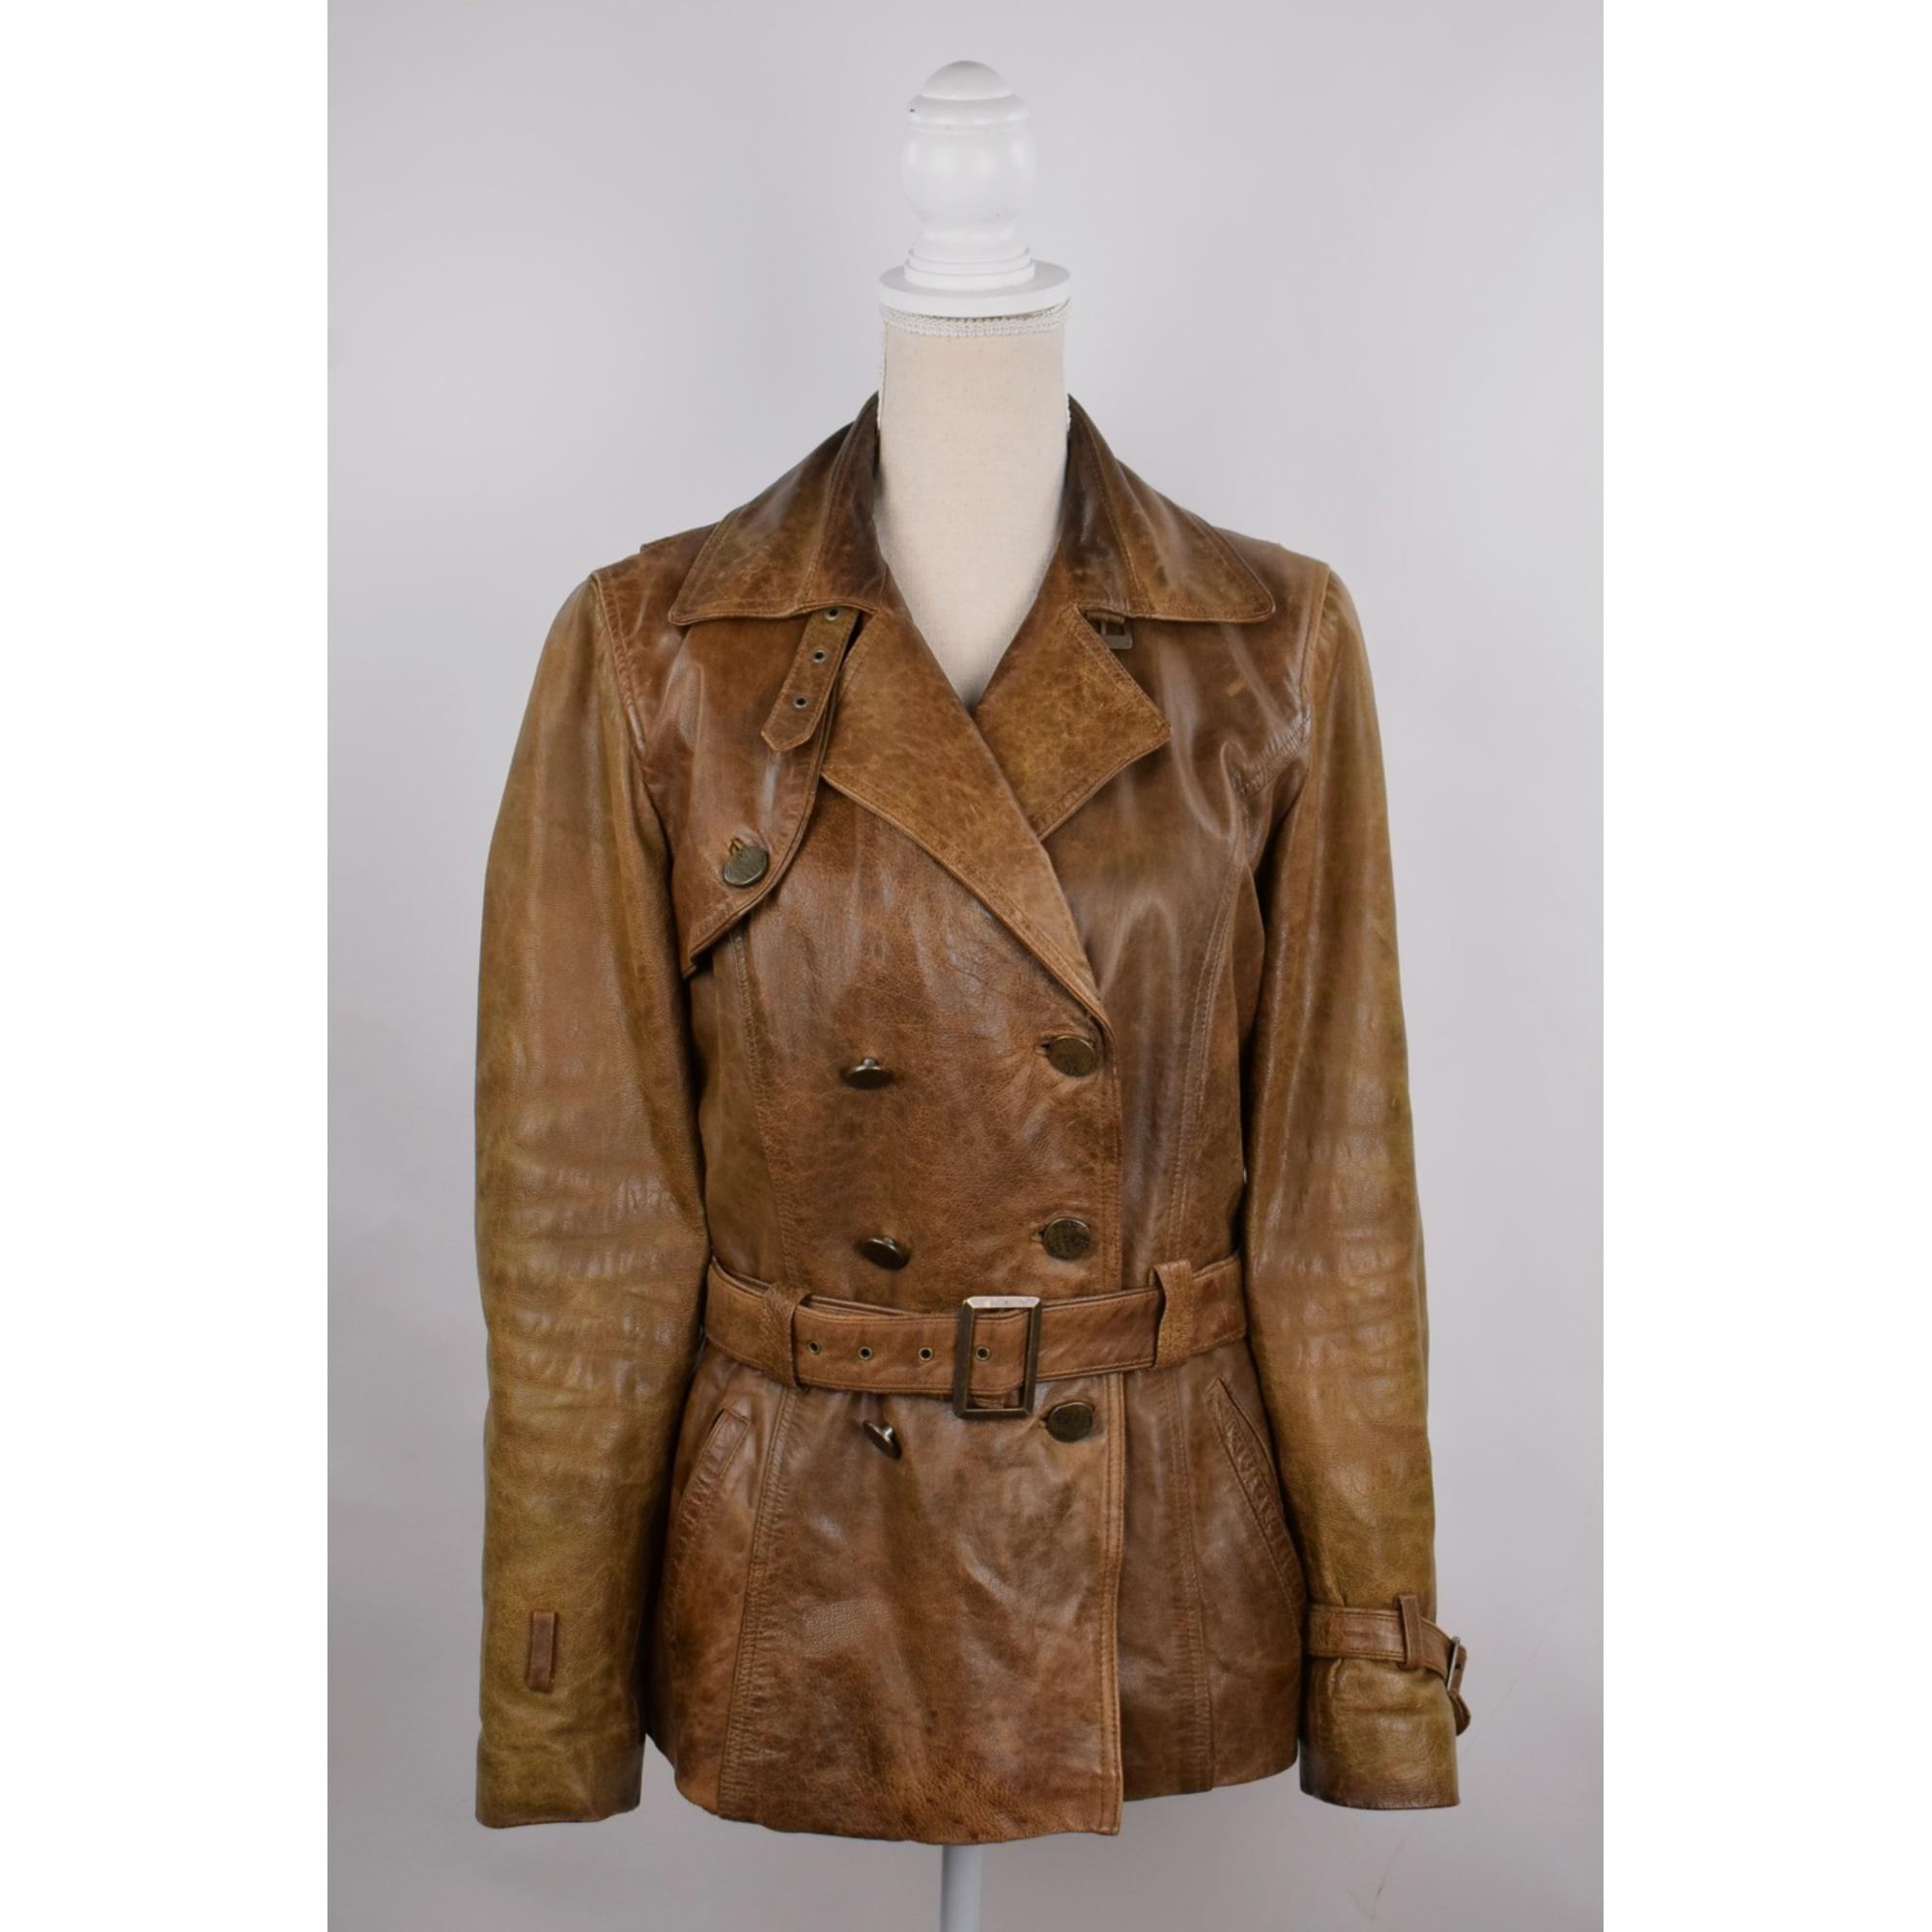 Veste en cuir ARMA CUIR Doré, bronze, cuivre